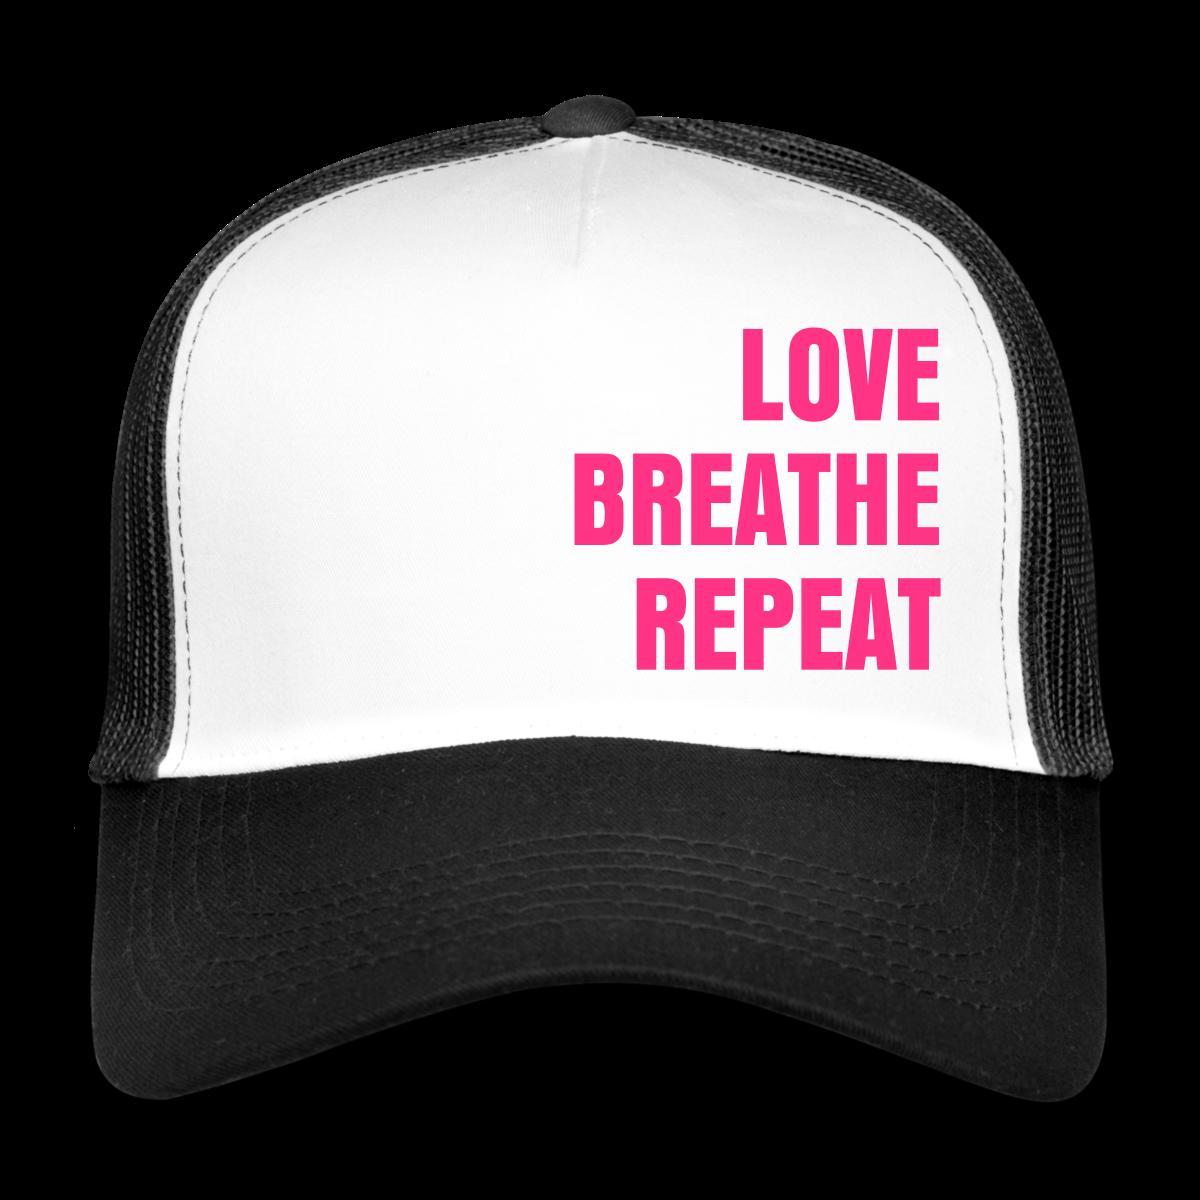 Love, Breathe, Repeat Caps